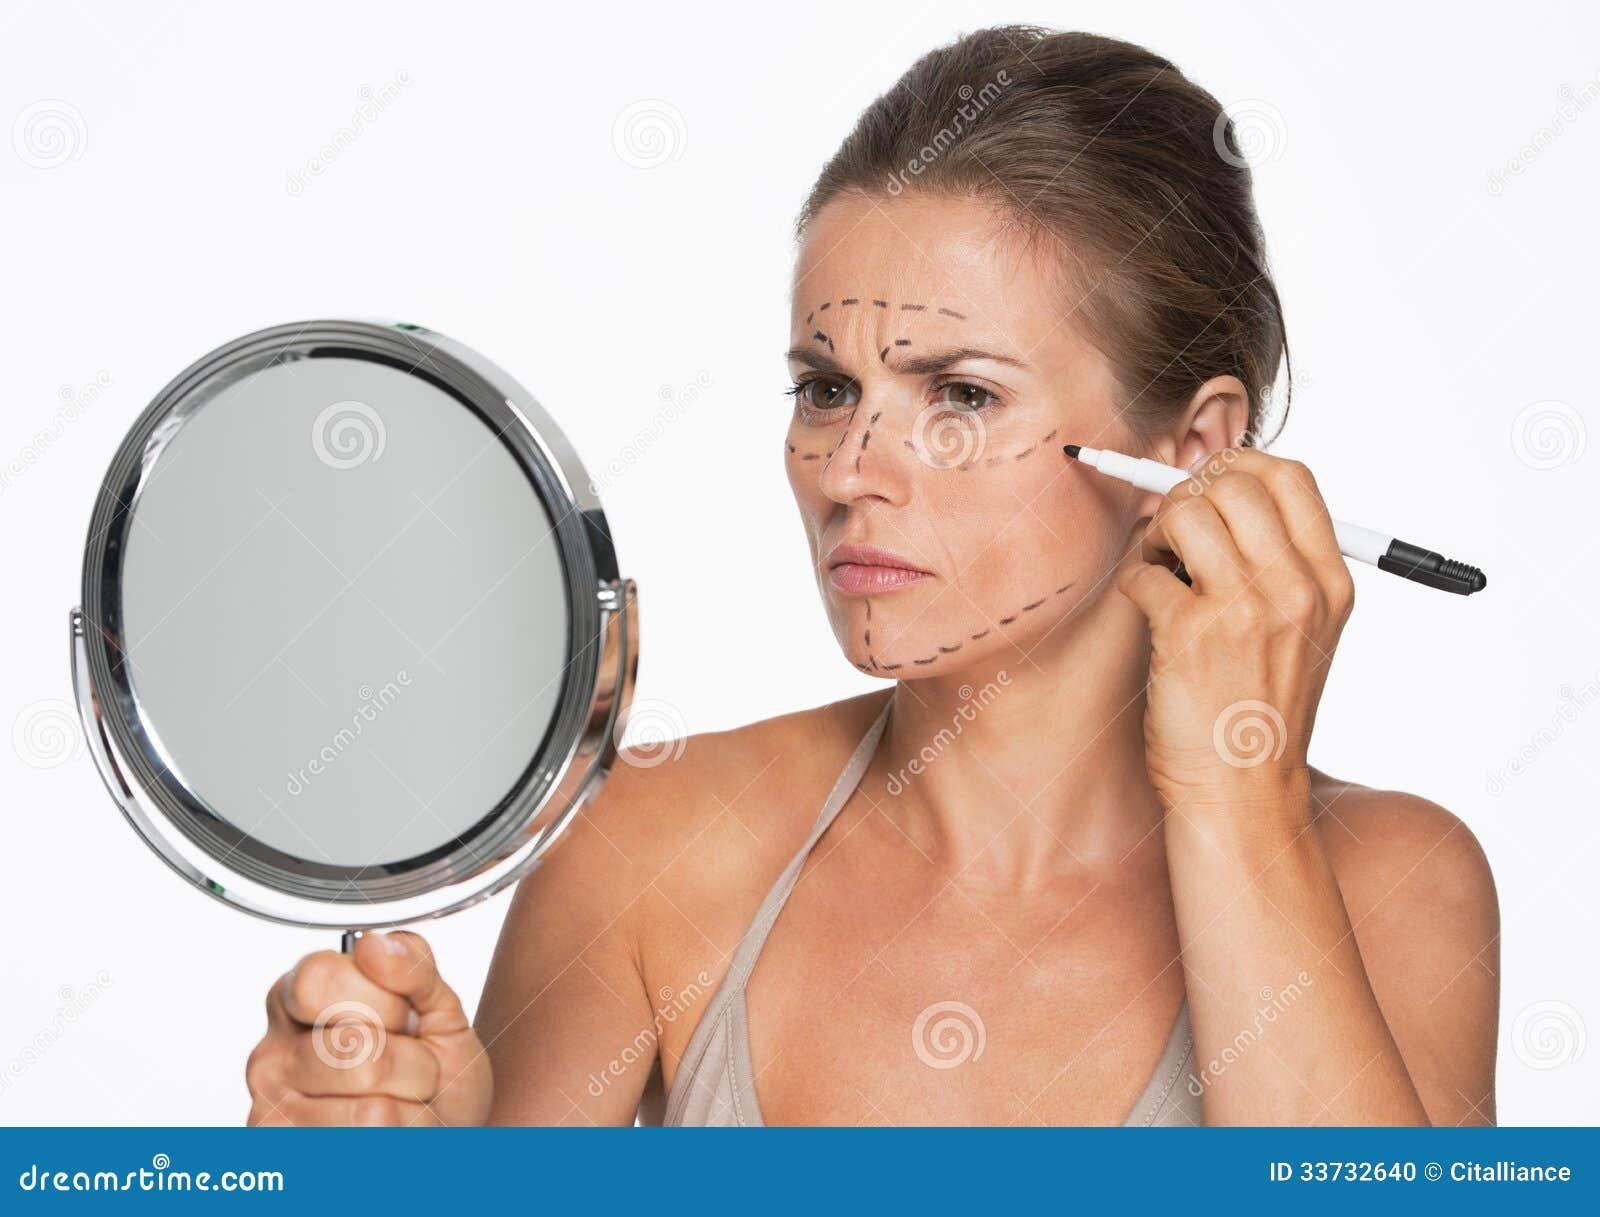 Mujer con el espejo que hace marcas de la cirug a pl stica for Espejo que hace fotos